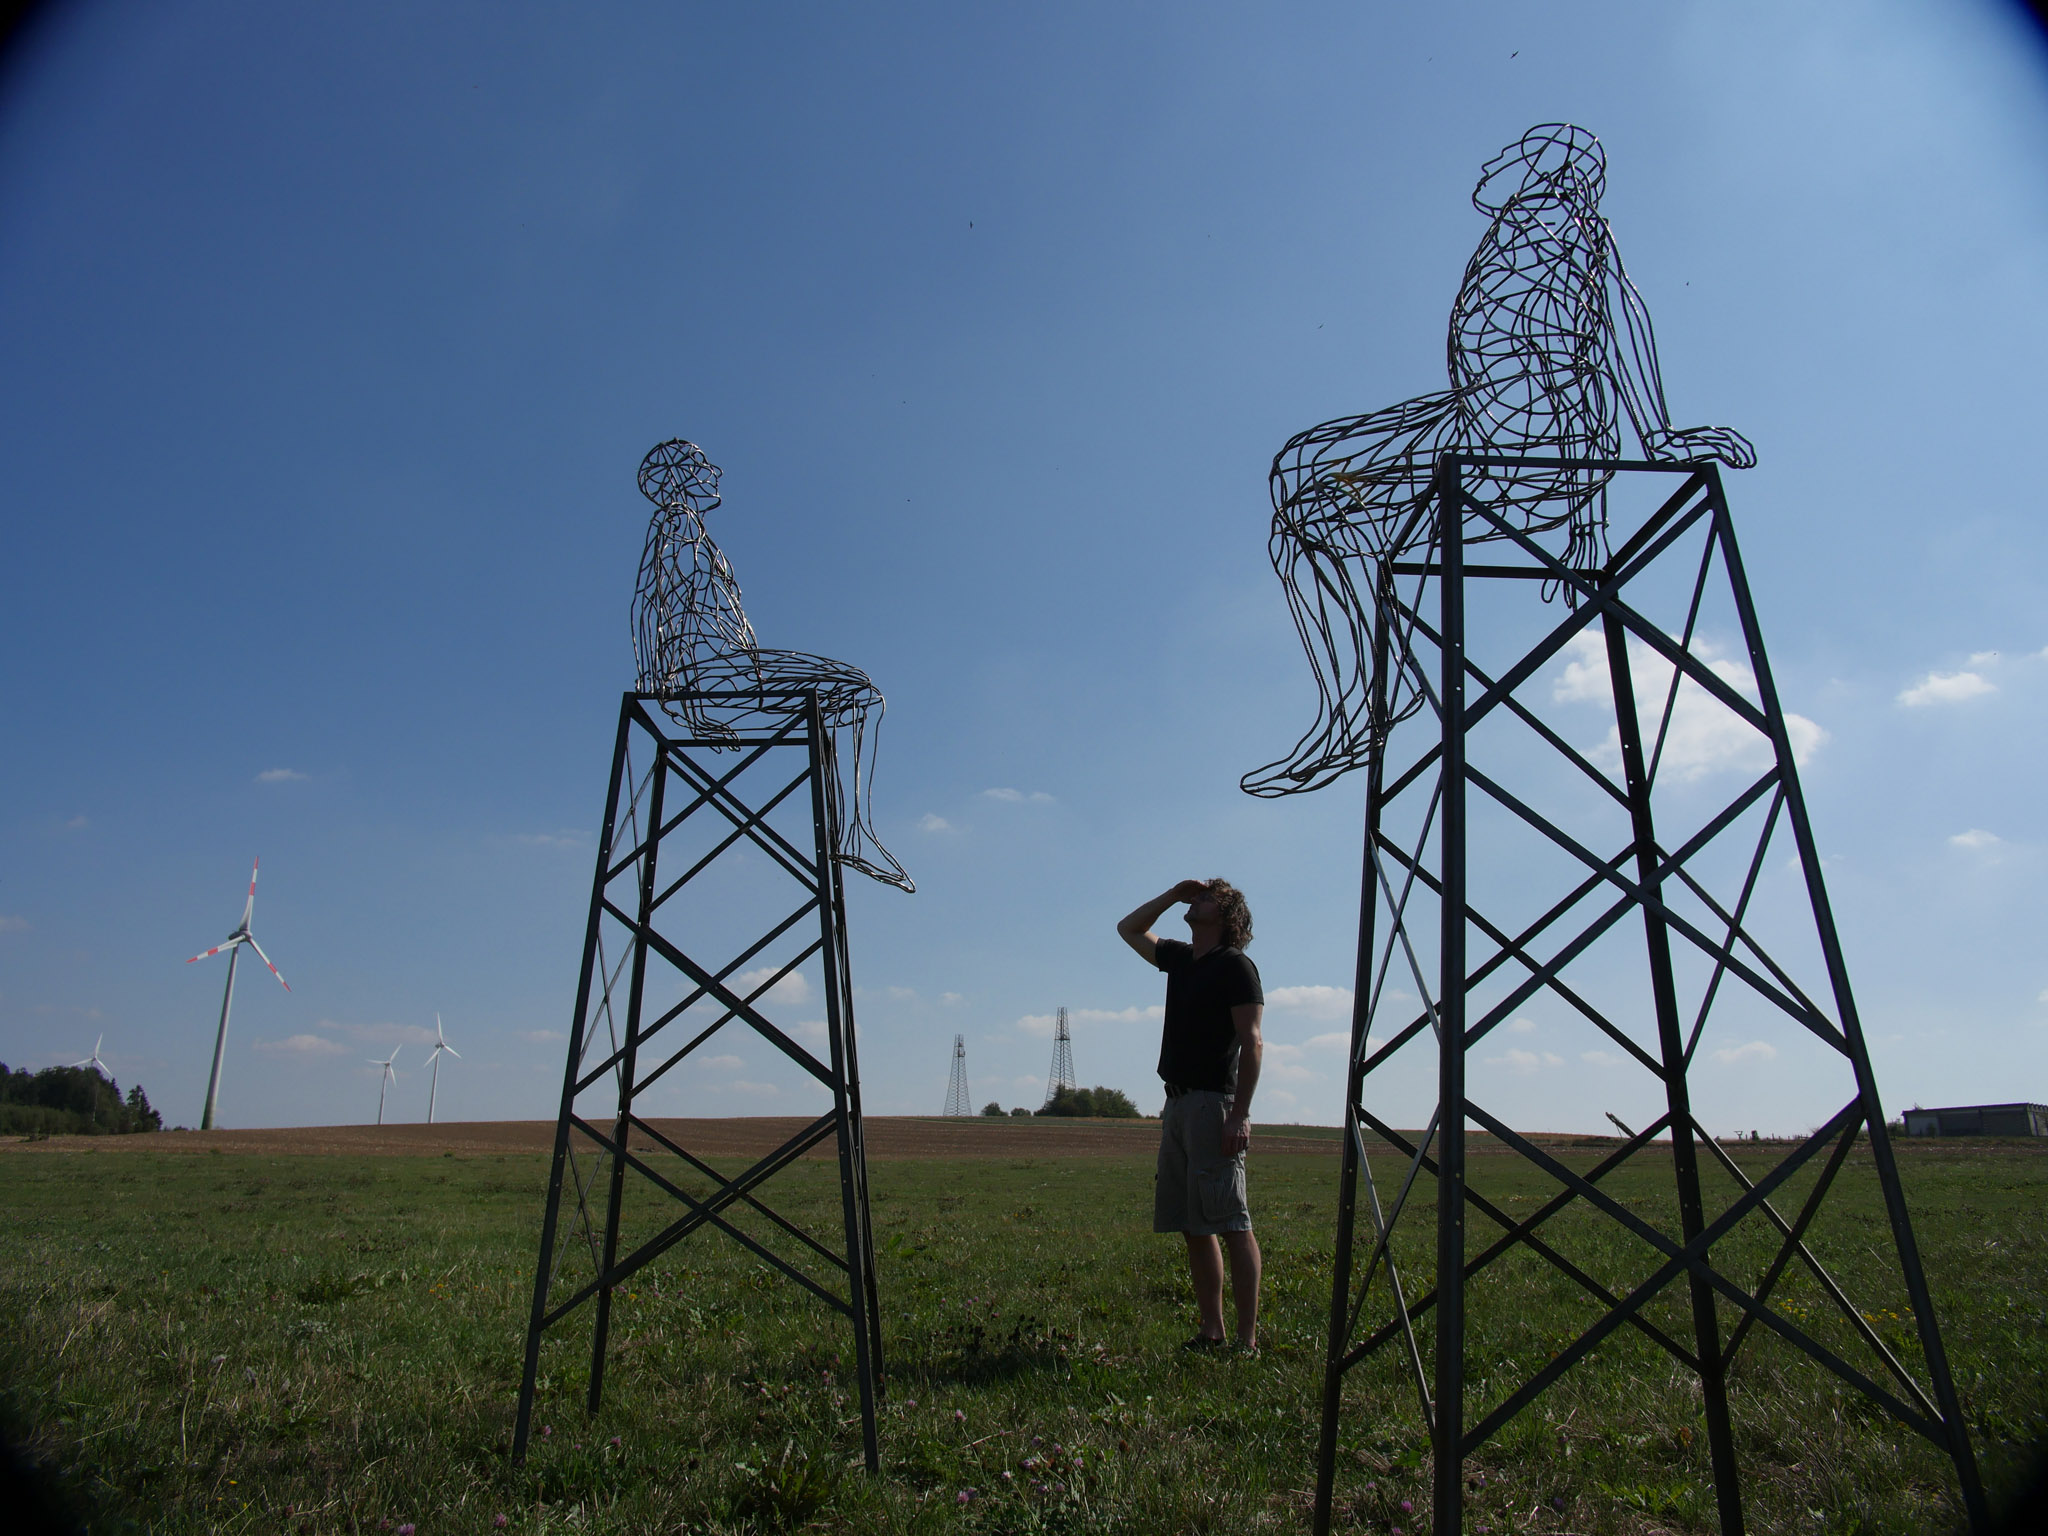 Andreas Hetfeld entwickelte im Rahmen des Echtzeitkulturprojektes 2 Skulpturen als Modelle im Maßstab 1:5 für eine mögliche Landmarke am Rand der Westlausitz, Foto: Martjin Schinkel © ORLA e.V.